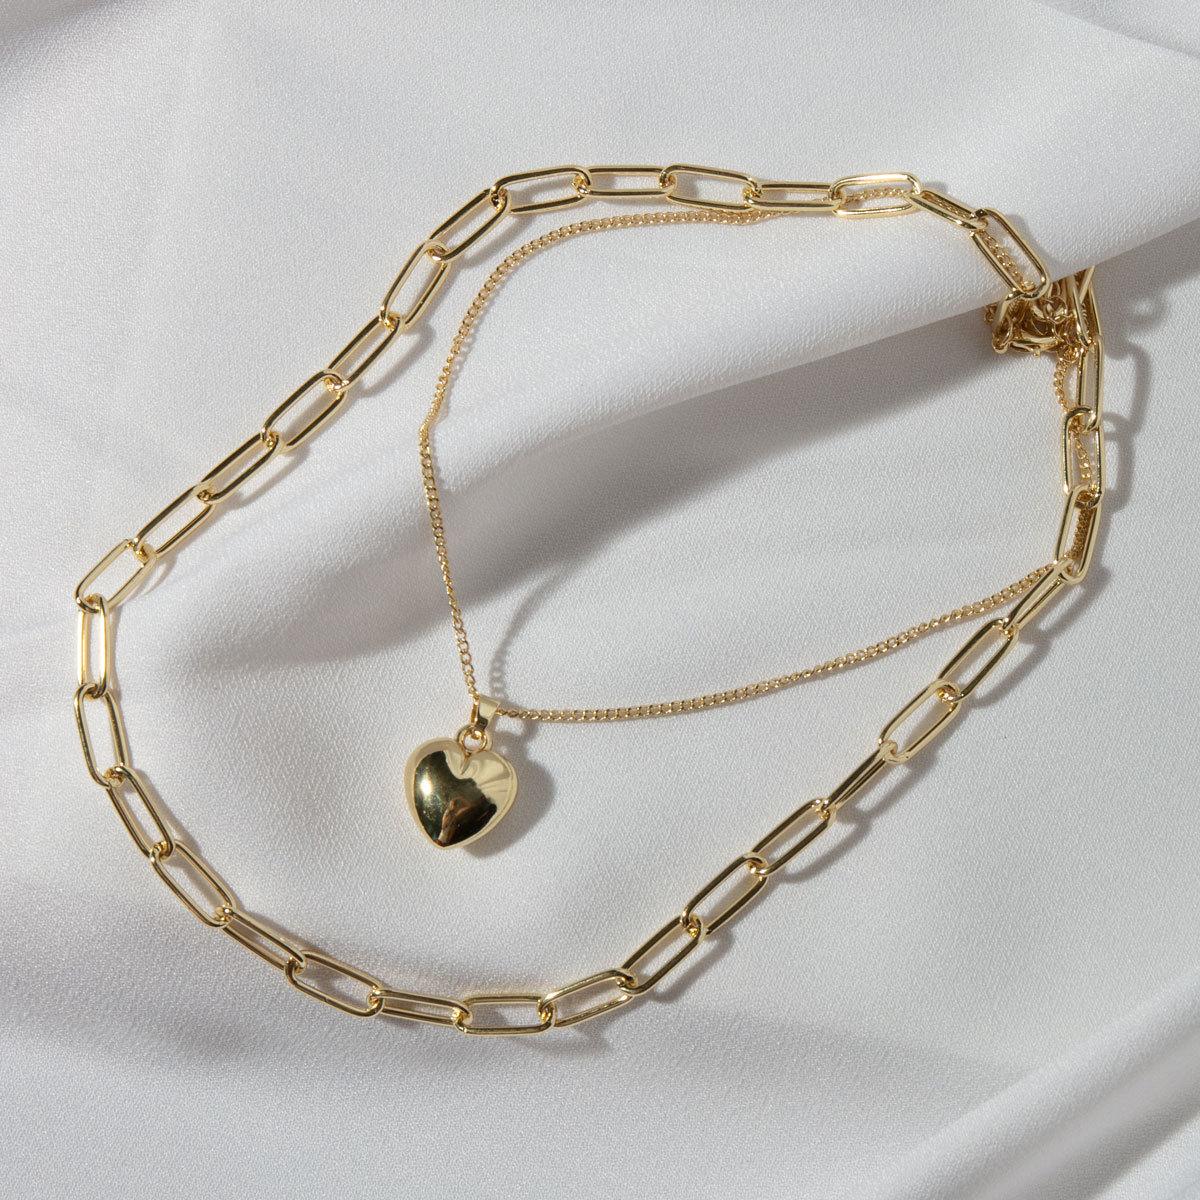 Колье двухрядное с цепью и кулоном-сердечком (золотистый)